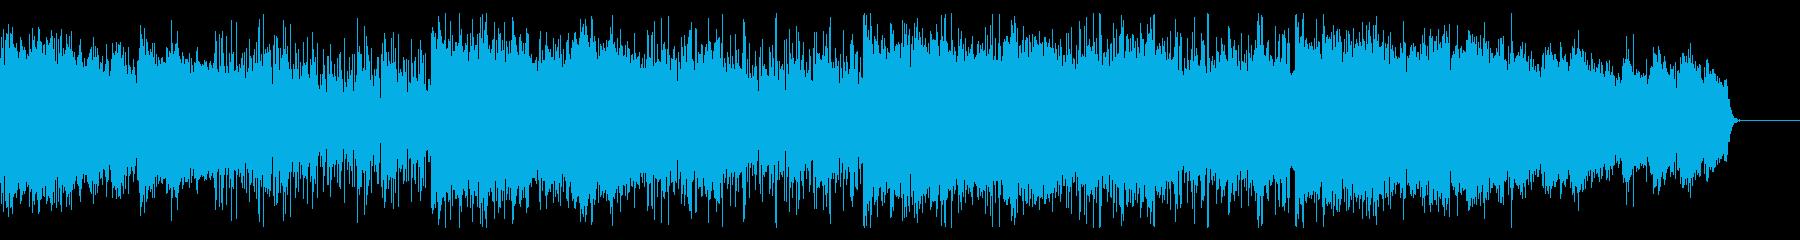 ダークなホラーテクスチャーの再生済みの波形